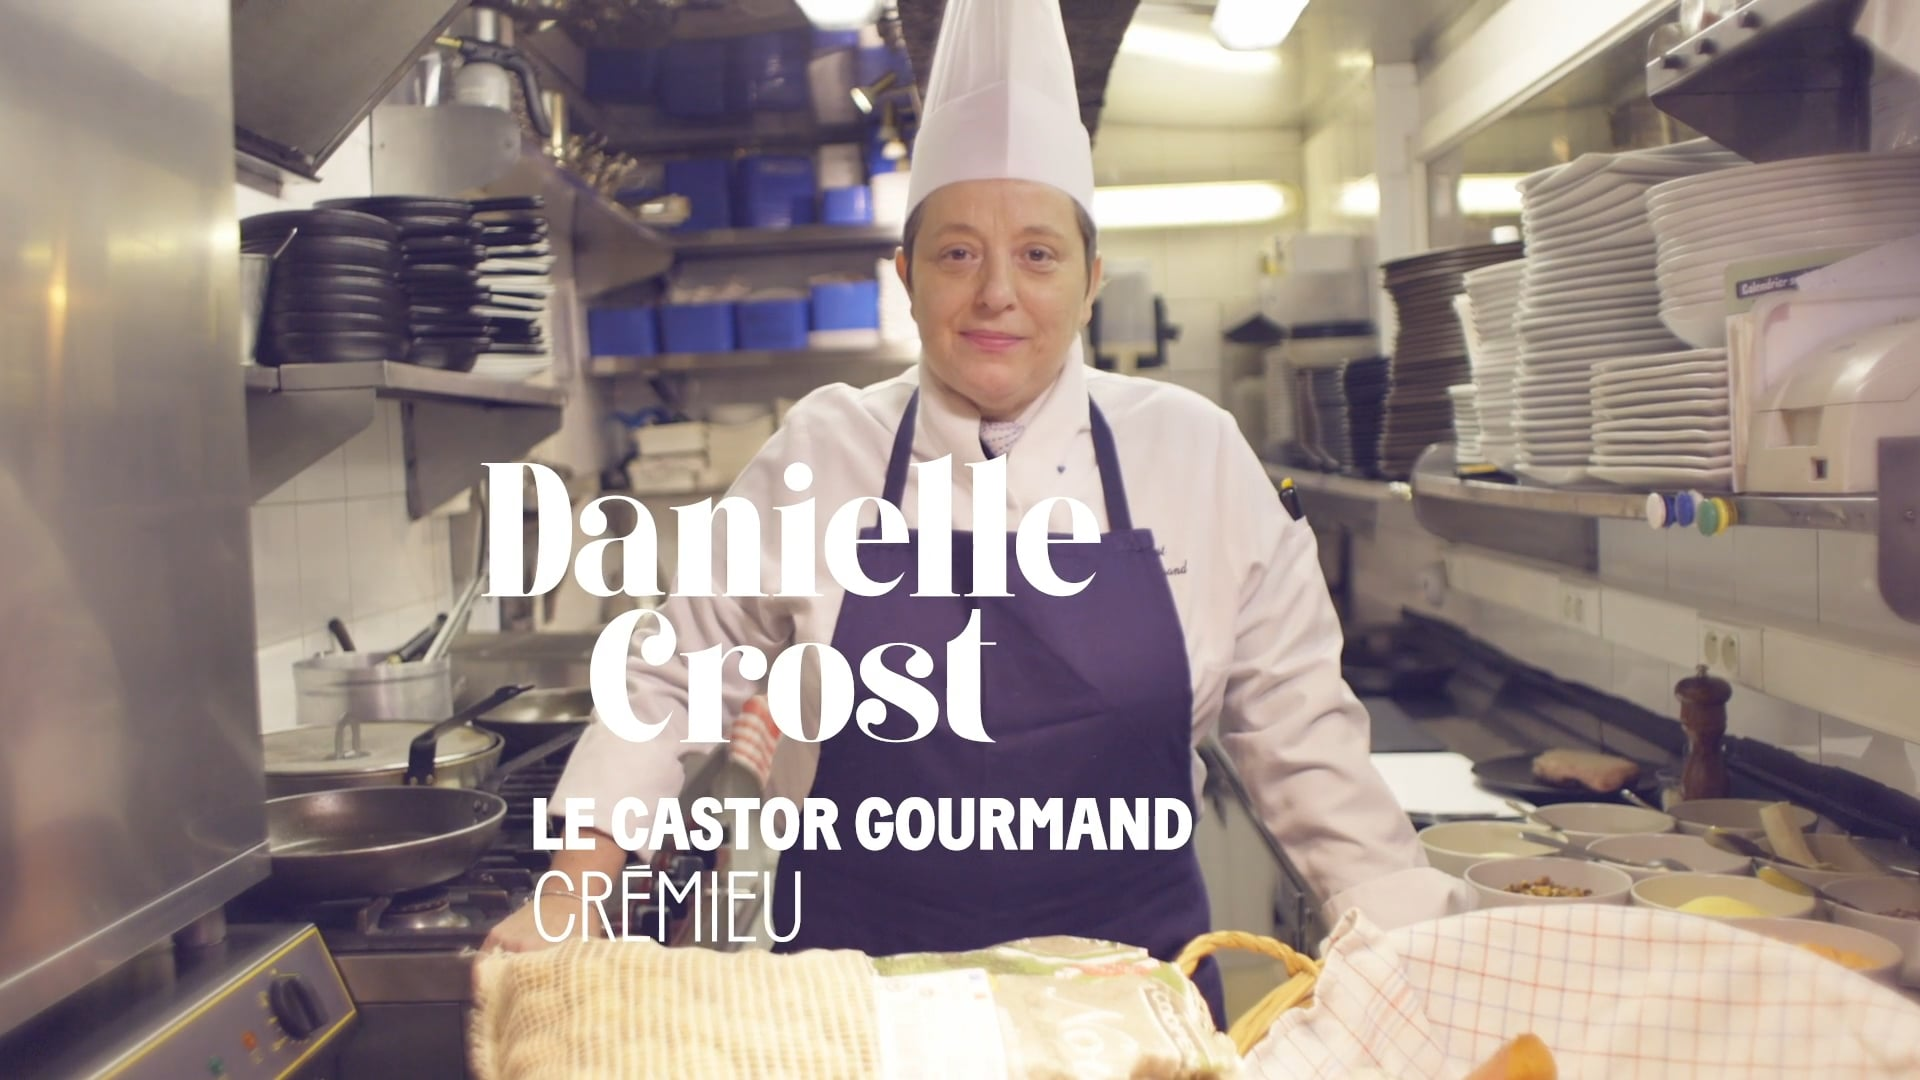 Et Toque! avec Danielle Crost, le Castor Gourmand, Crémieu - Commission européenne